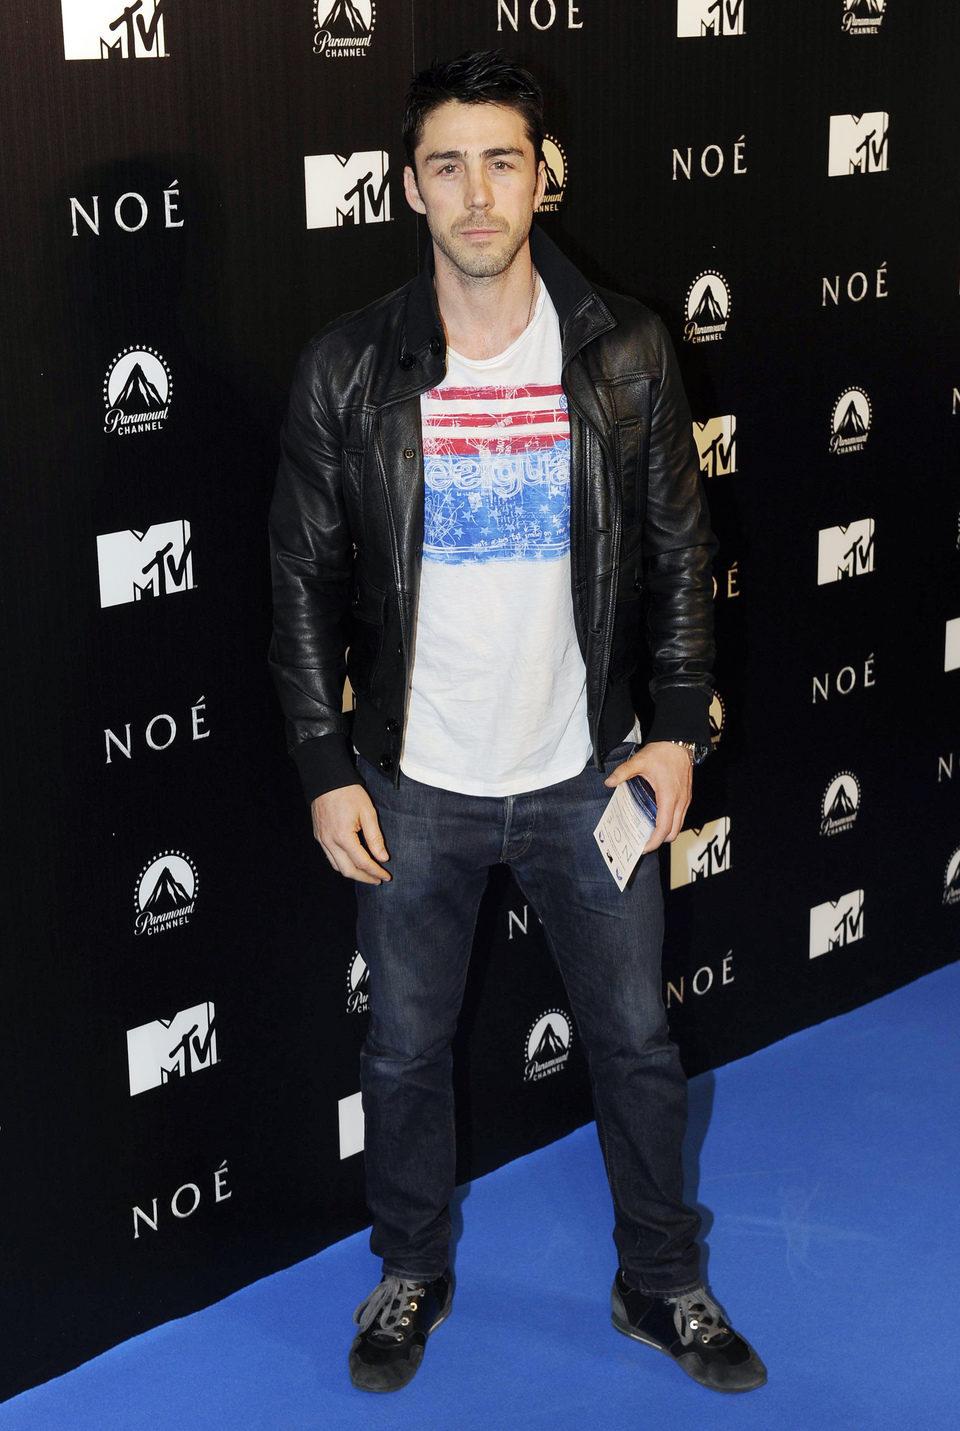 Rubén Sanz en la premiere de 'Noé' en Madrid